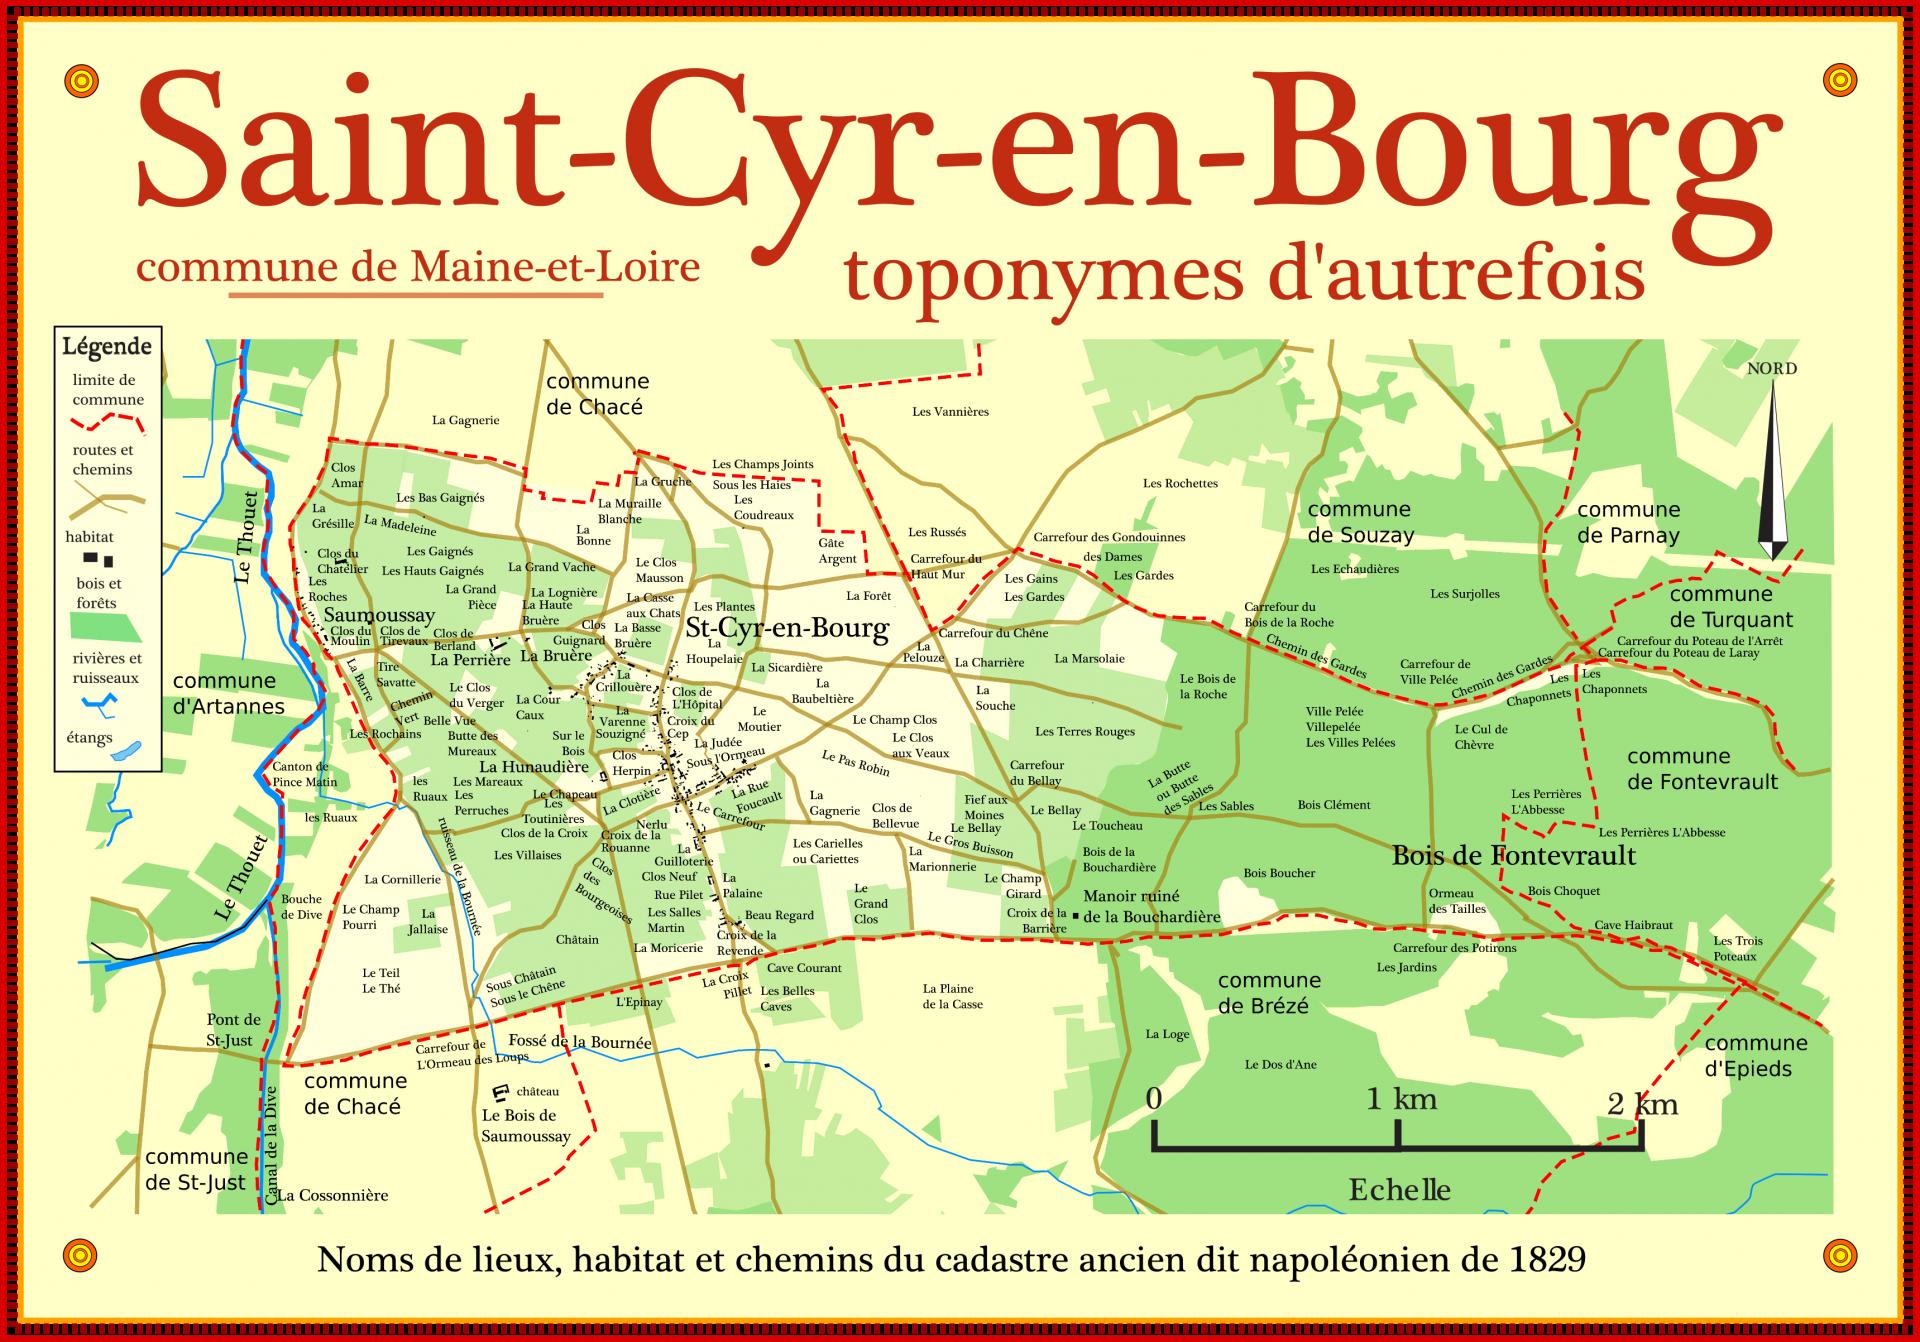 Jolie cadre des toponymes saint cyr 300